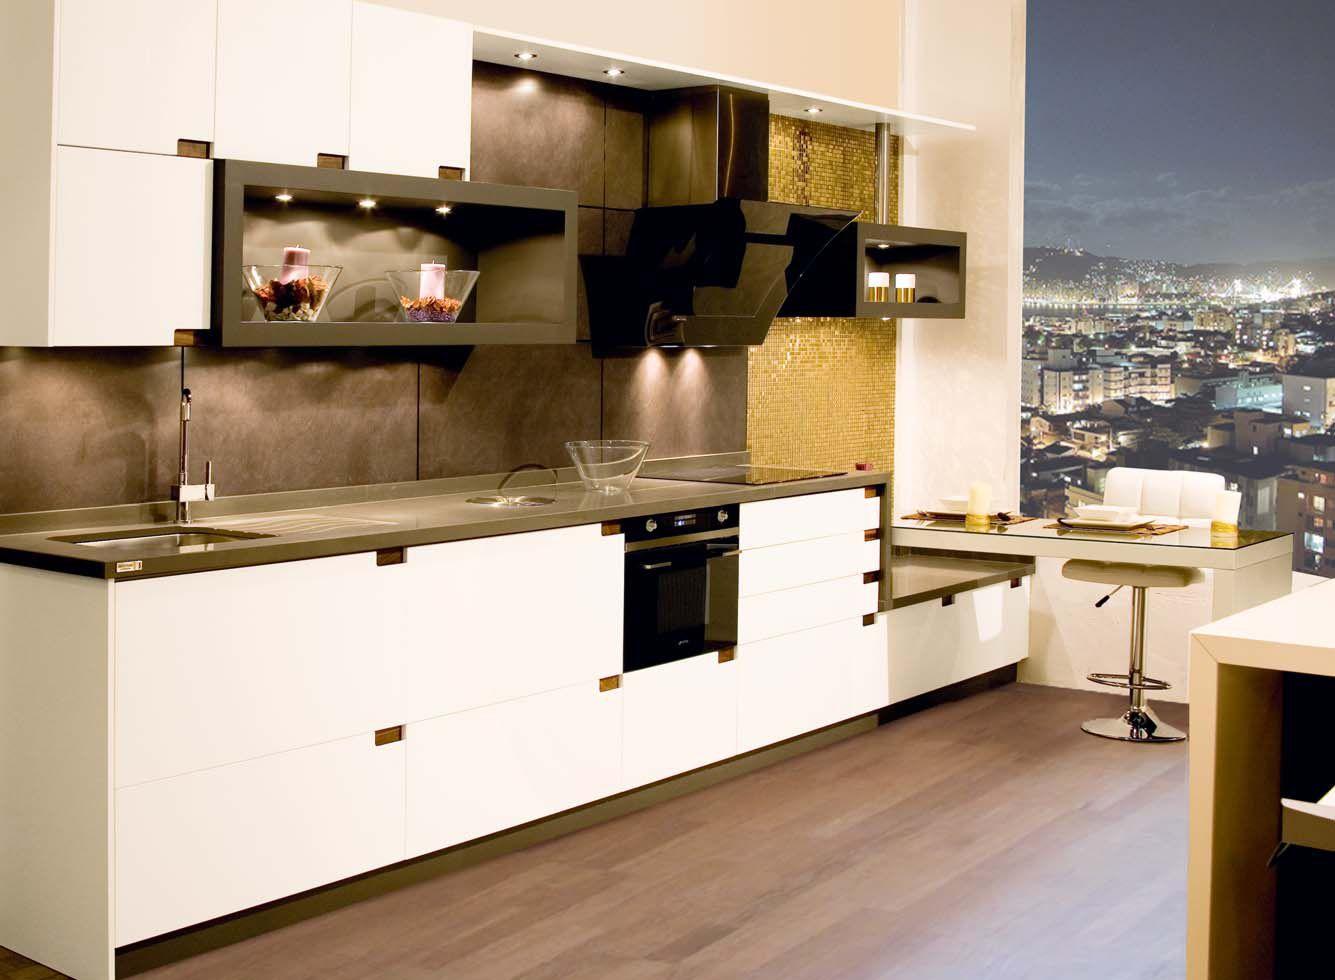 Cocina 80 cocinas capis dise o y fabricaci n de cocinas for Configurador cocinas